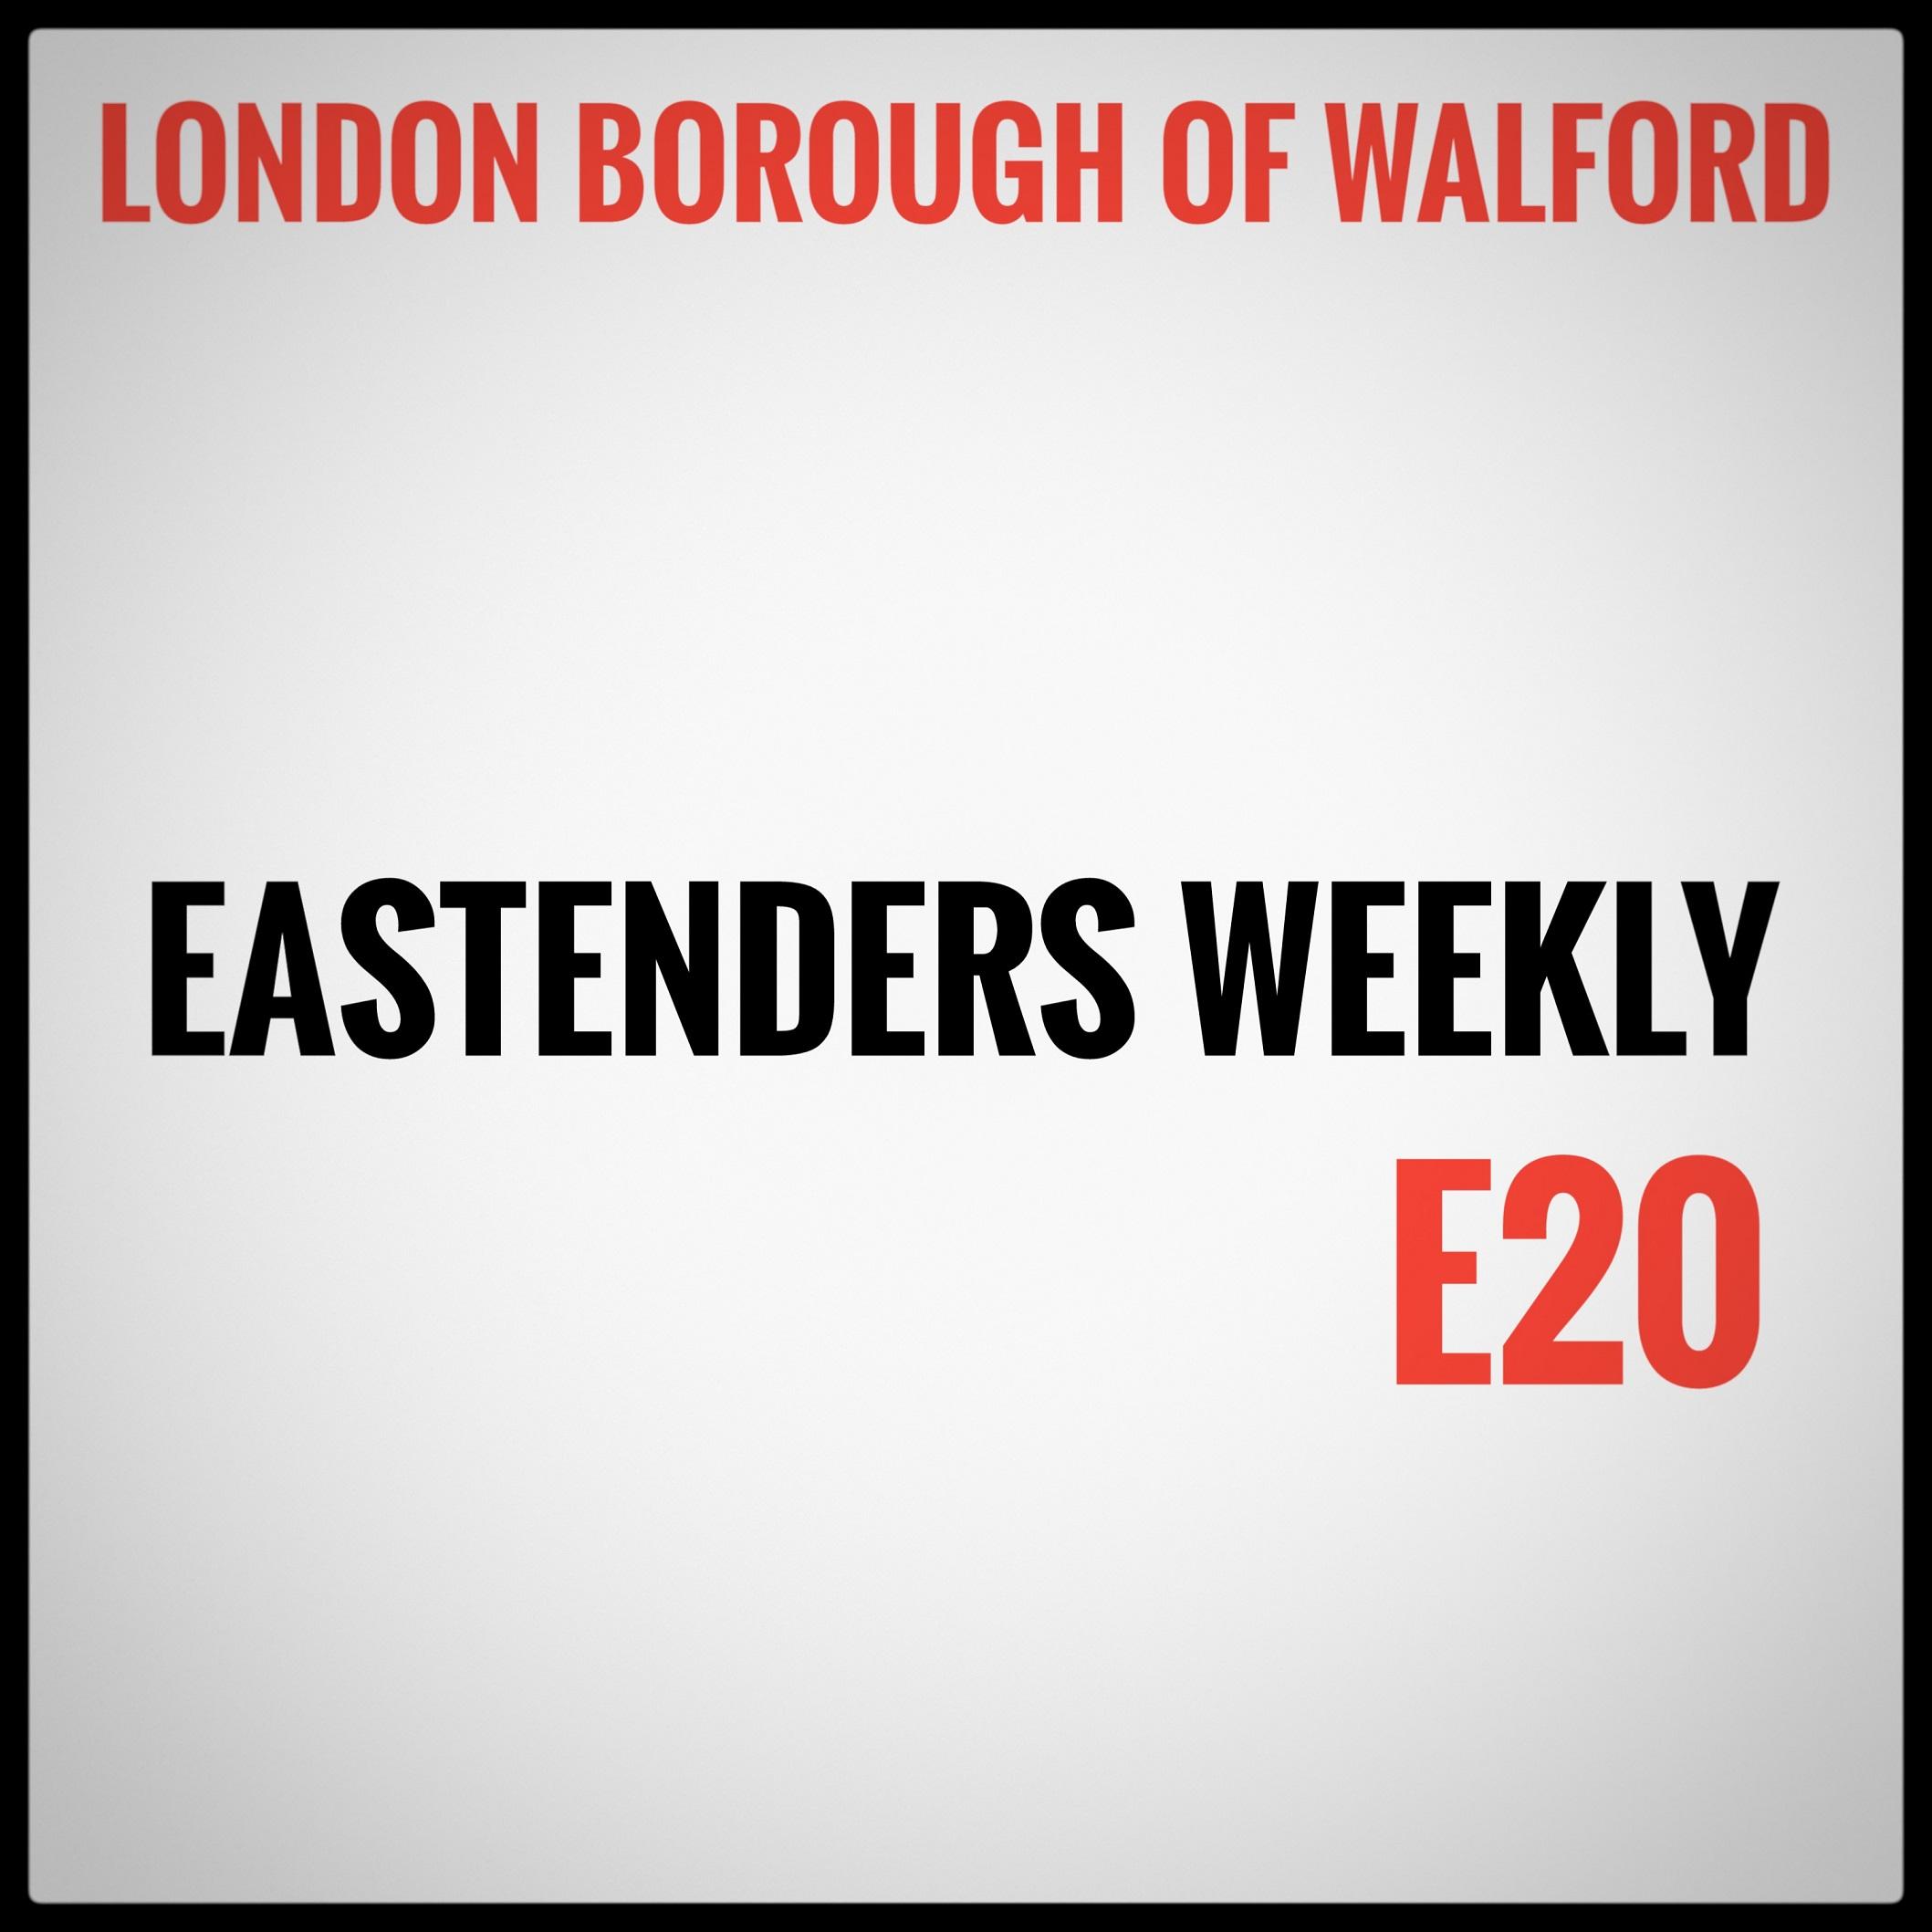 EastEnders Weekly Podcast